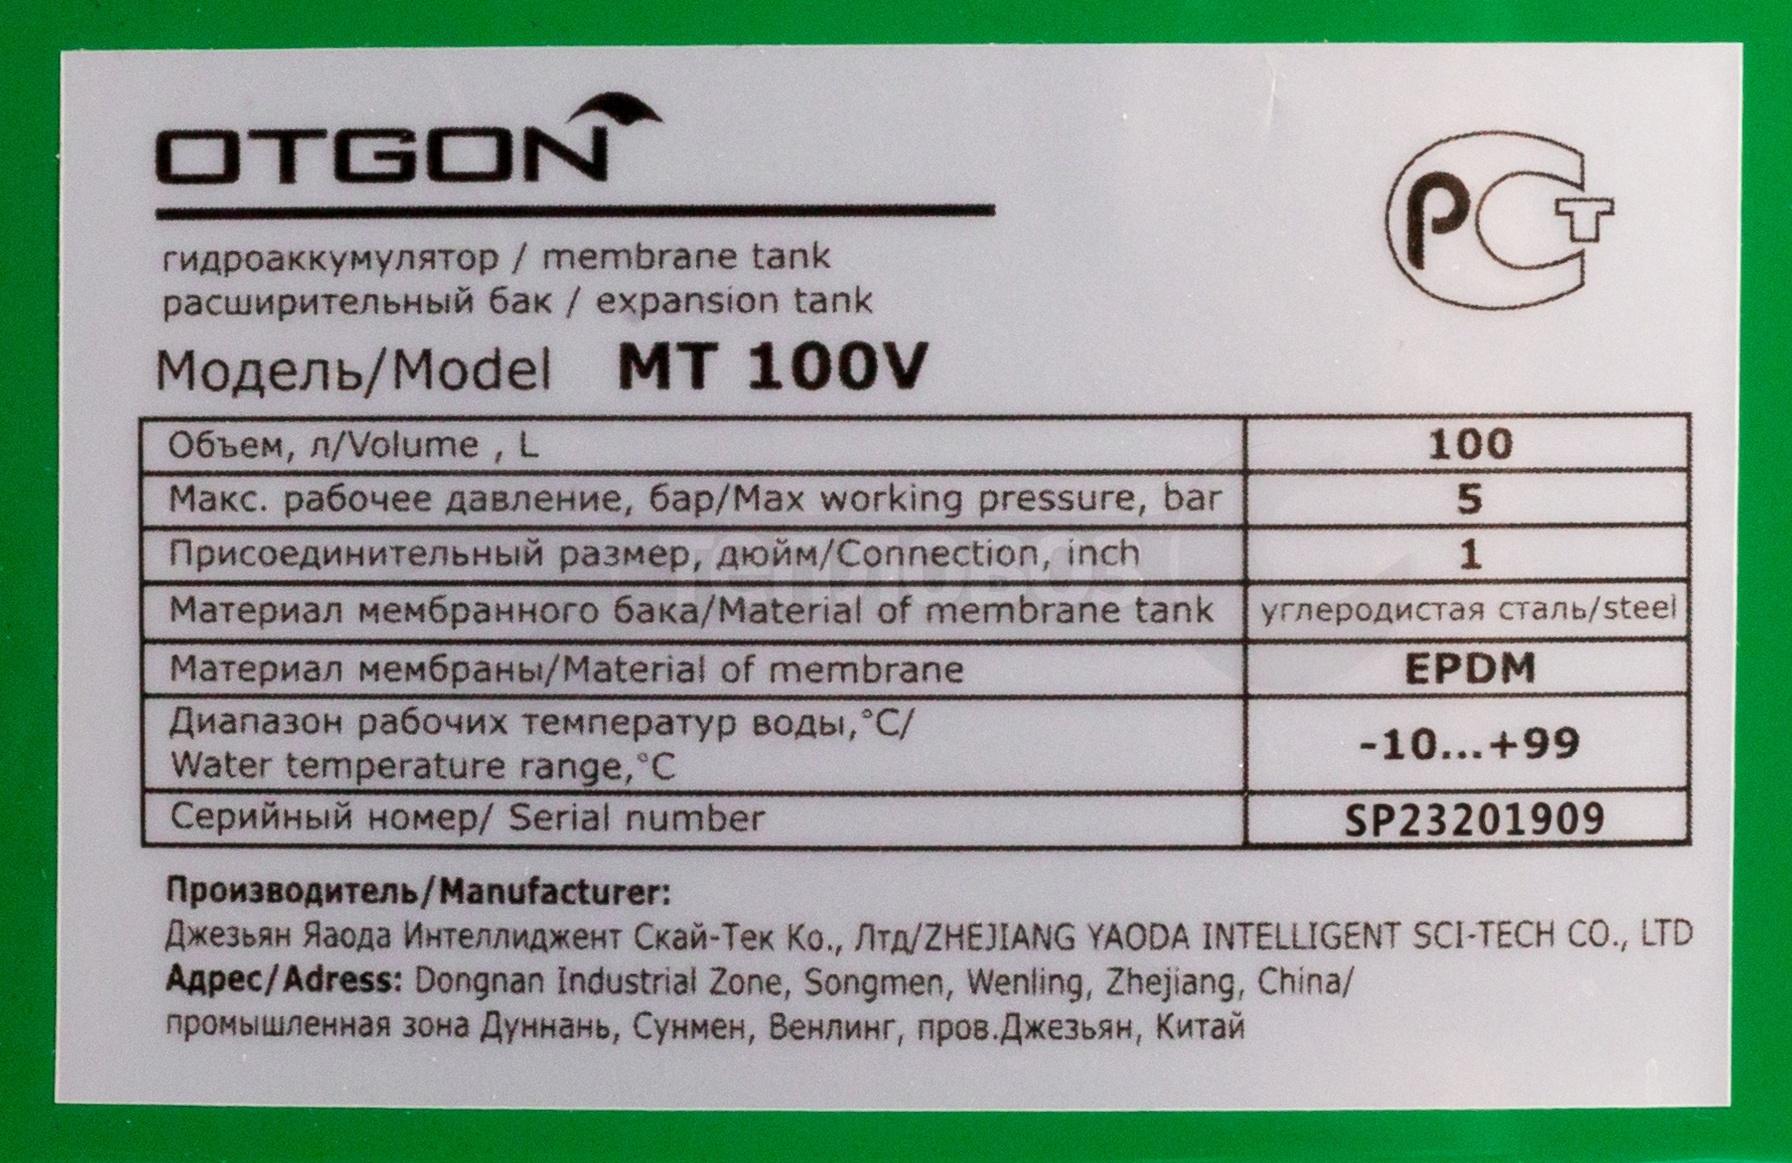 Otgon MT 100V, 100 л